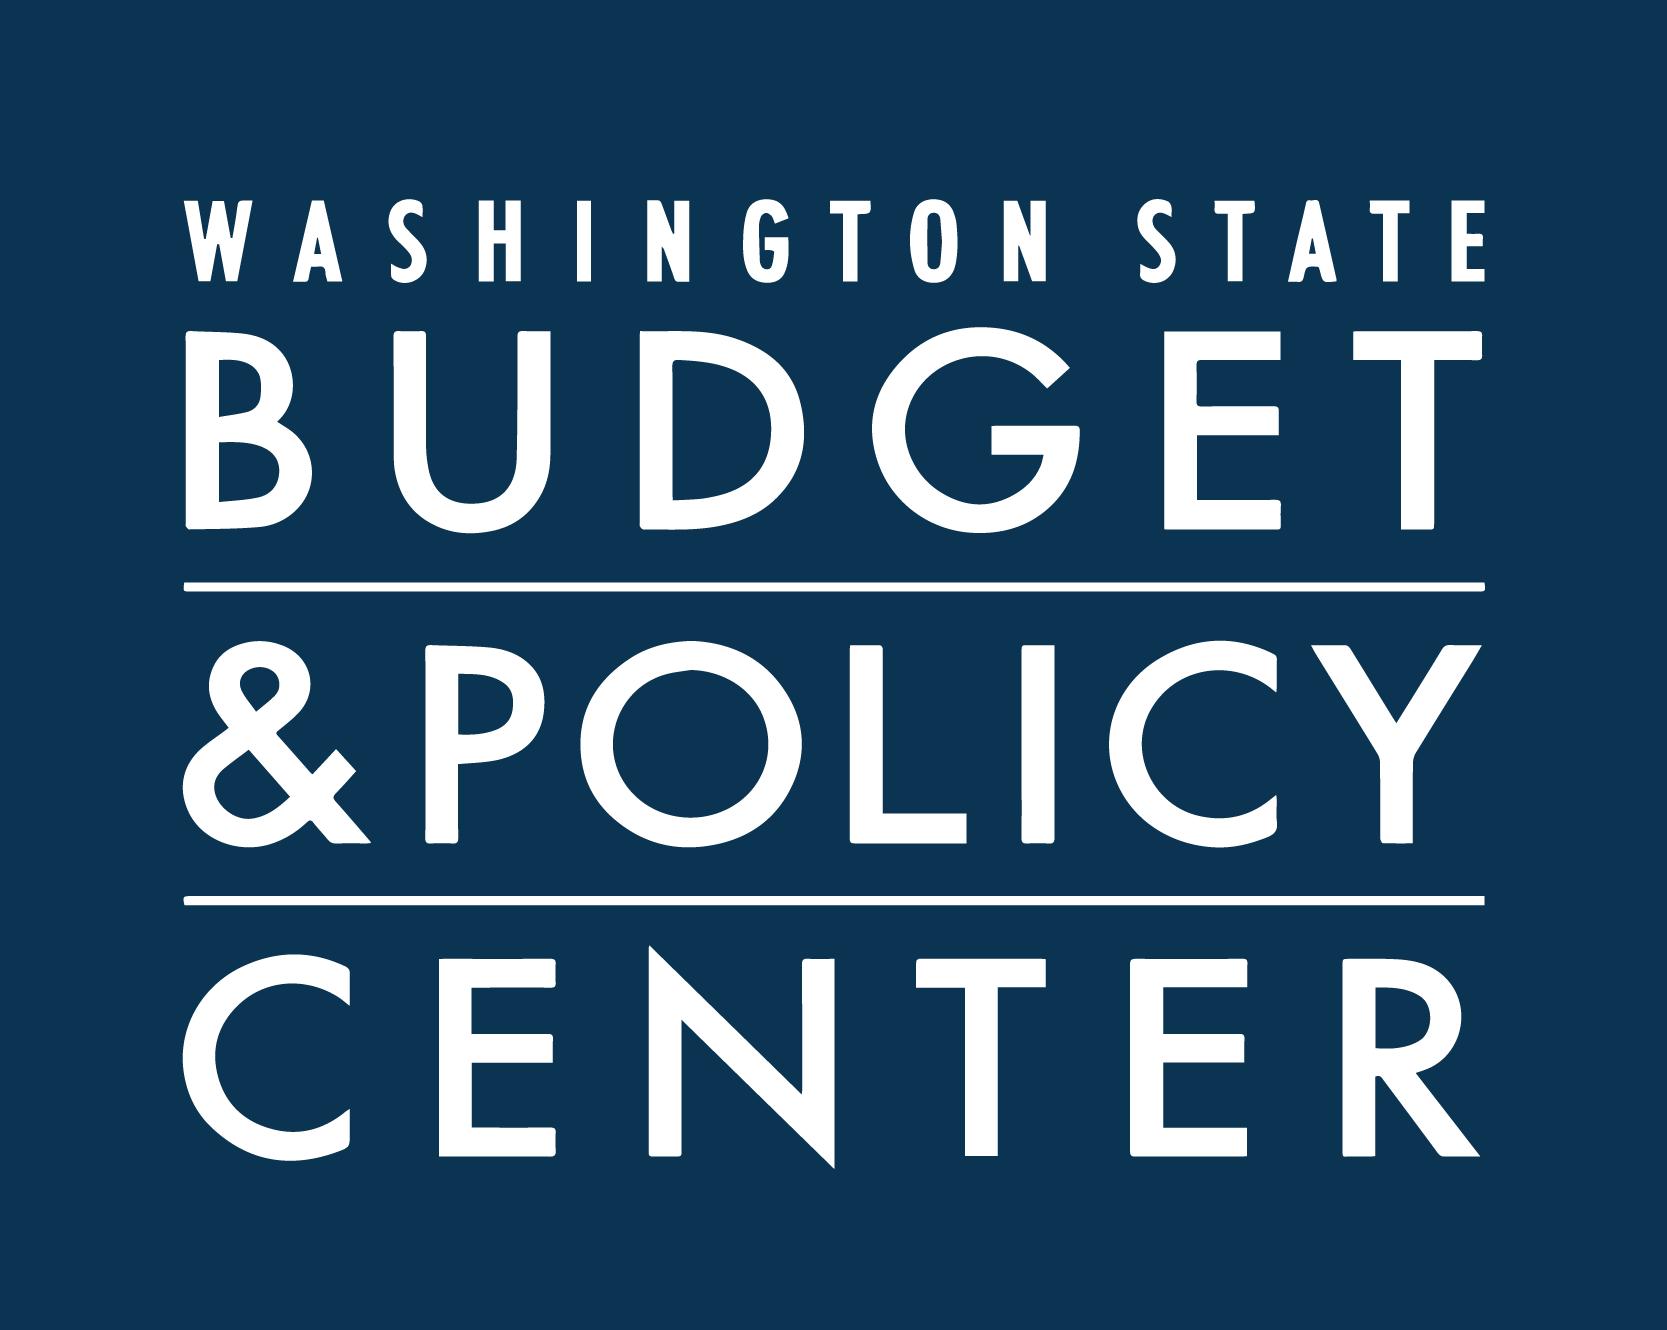 Budget Matters 2020